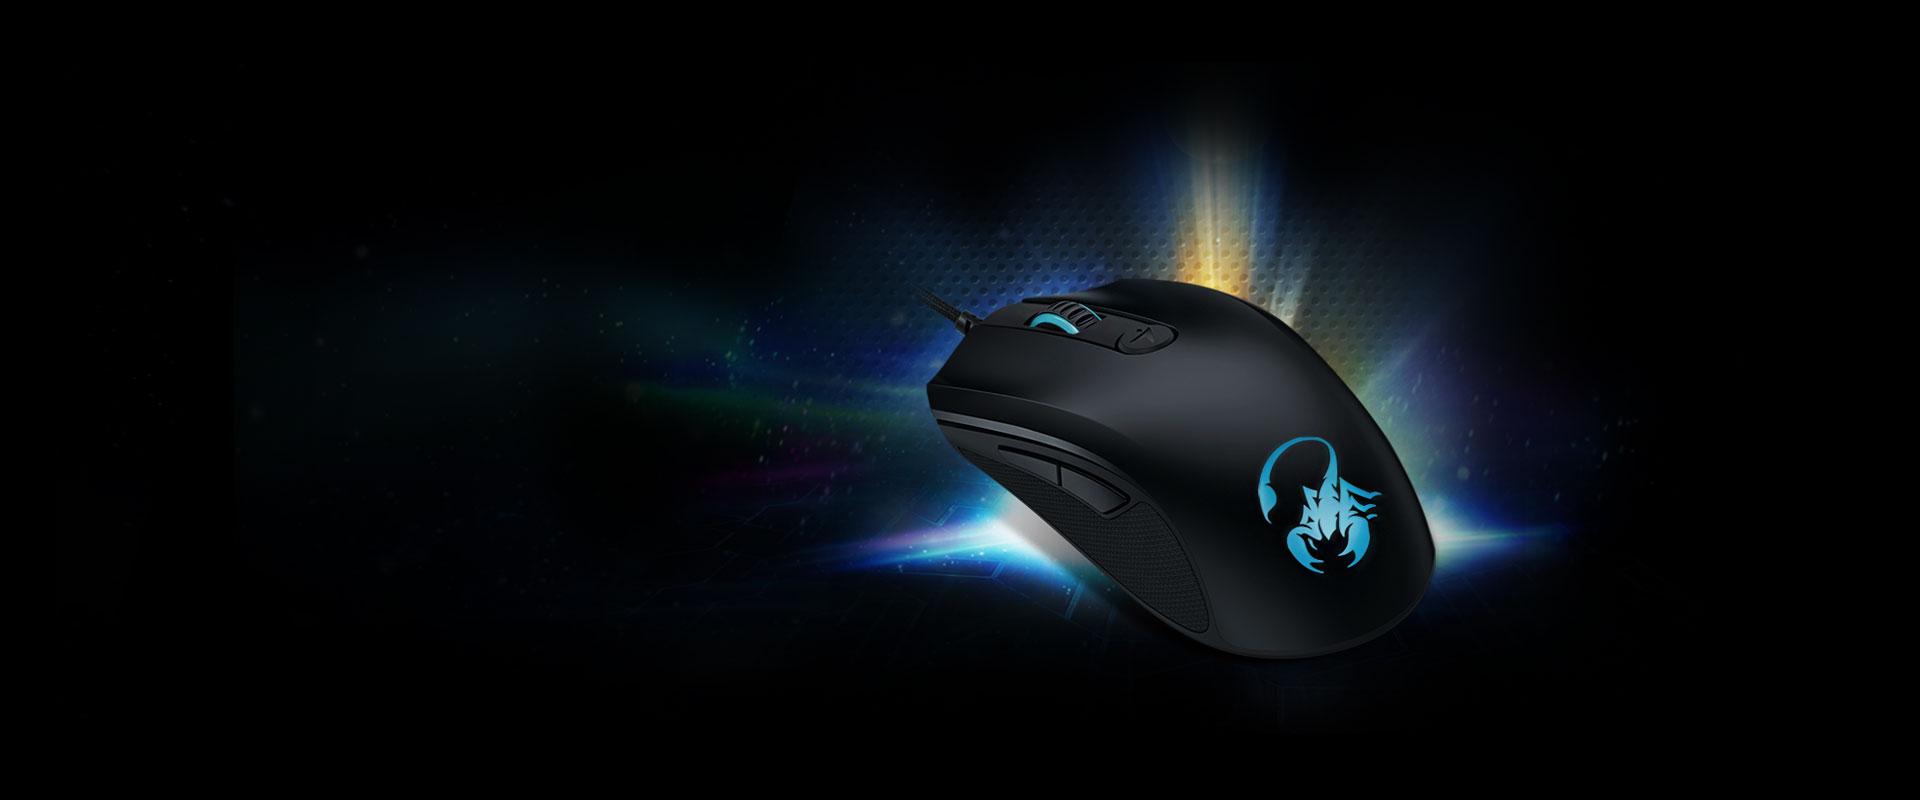 genius-gamingmice-m8-610